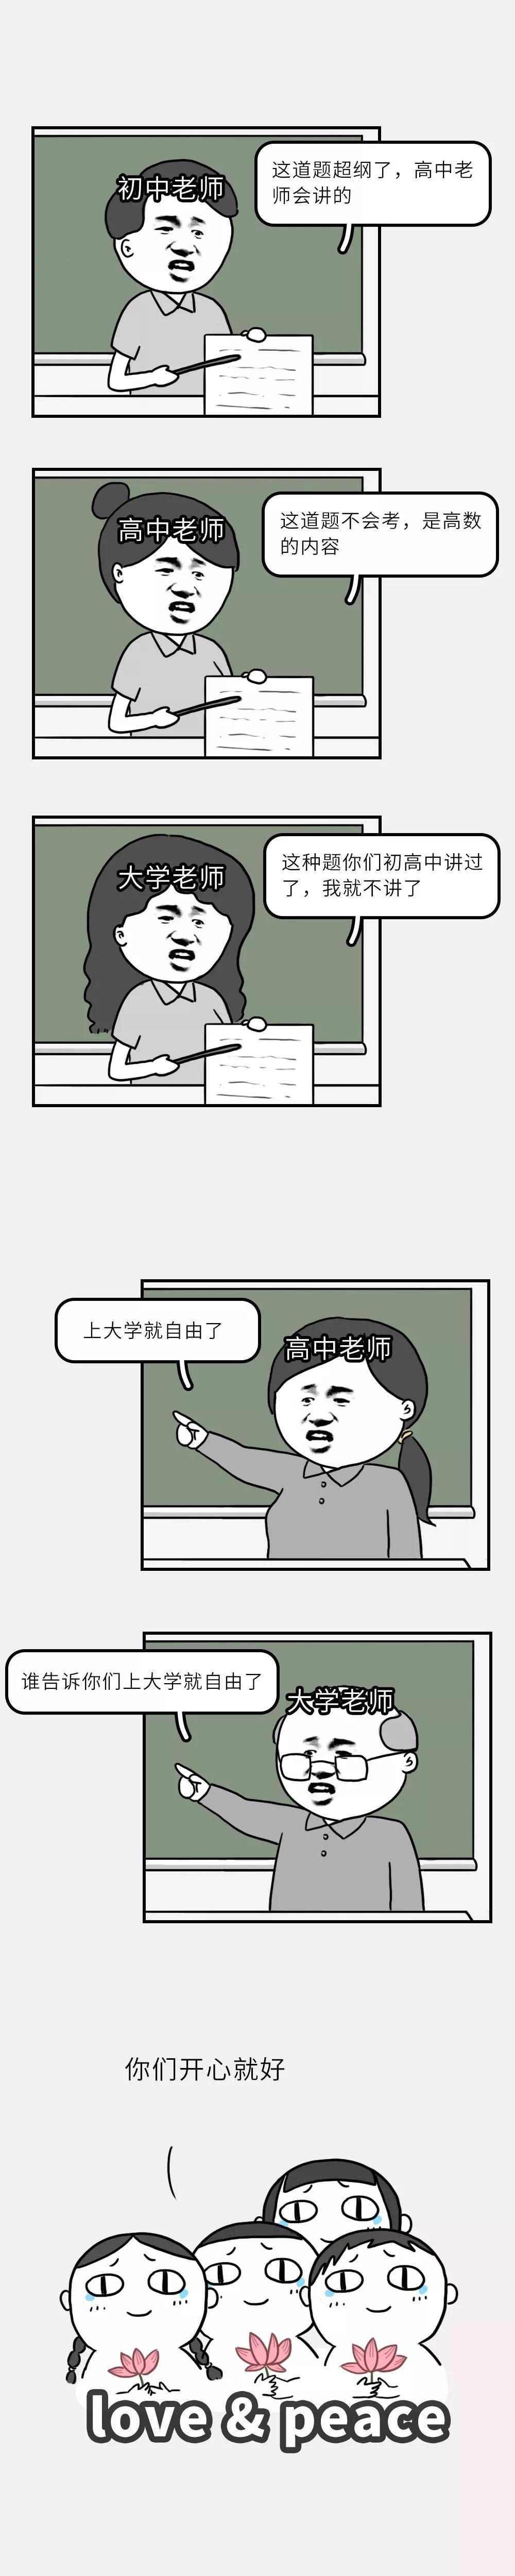 宅男在线电影_日韩av电影_欧美人曽交流